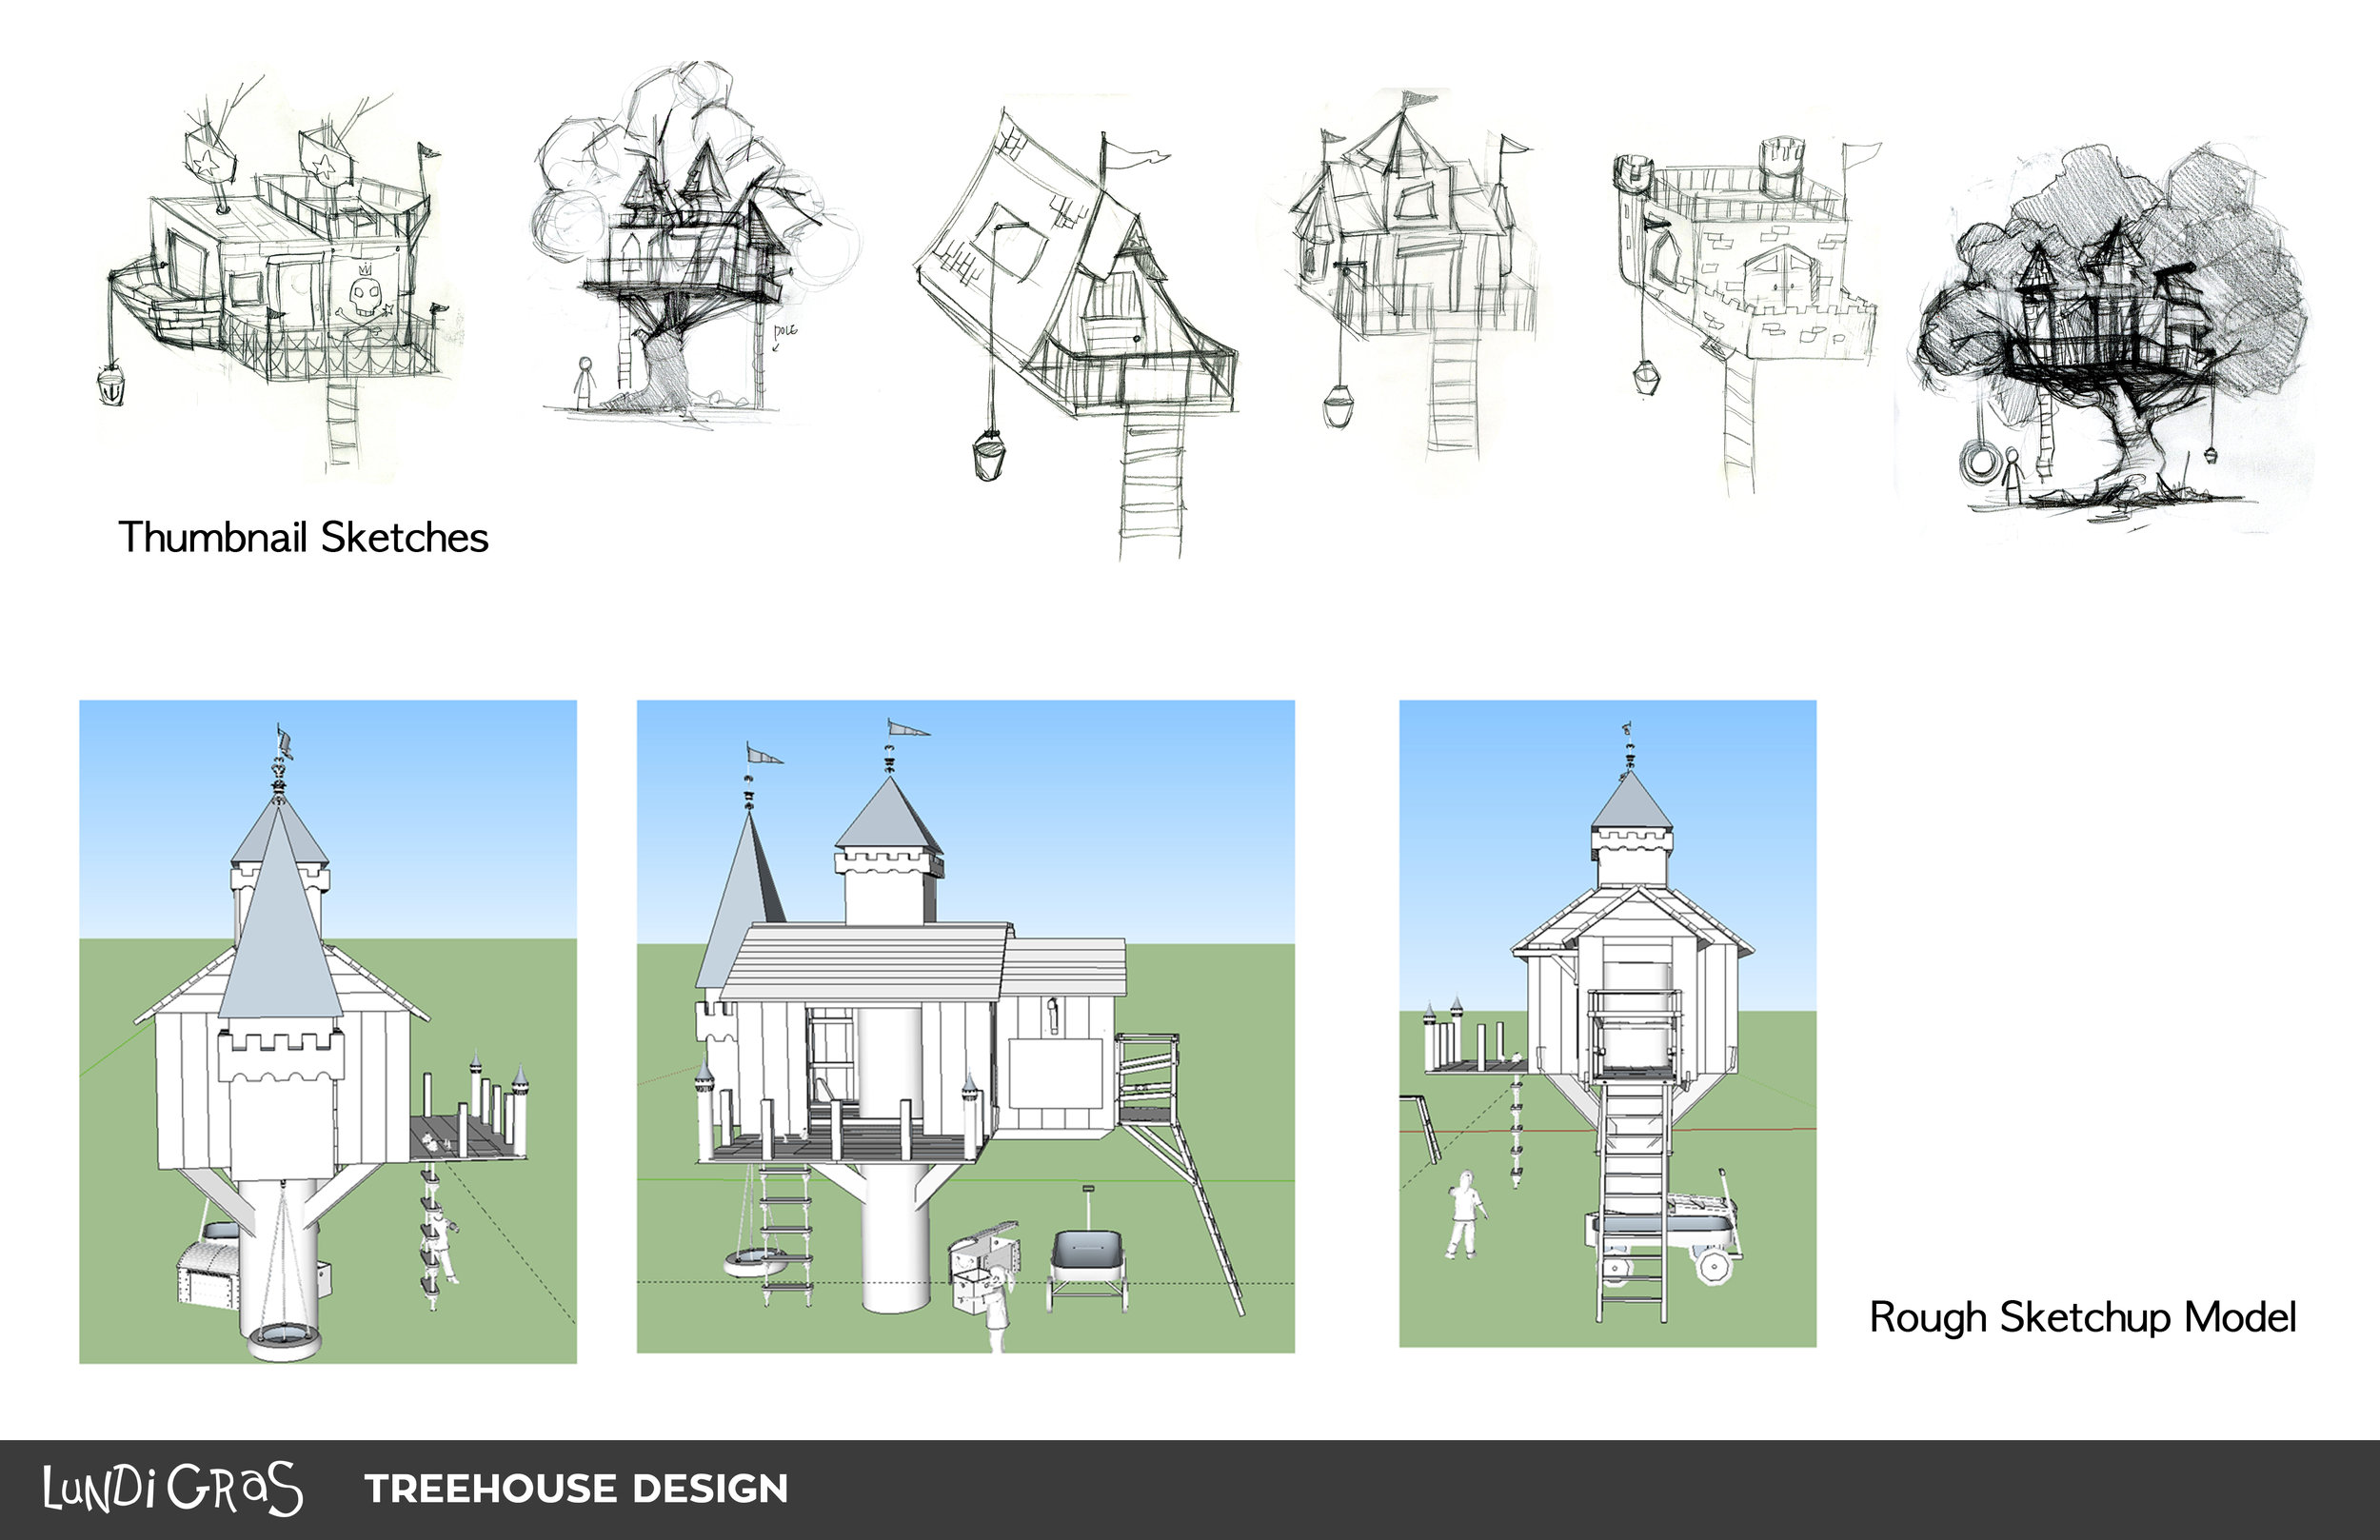 treehouse design_1.jpg